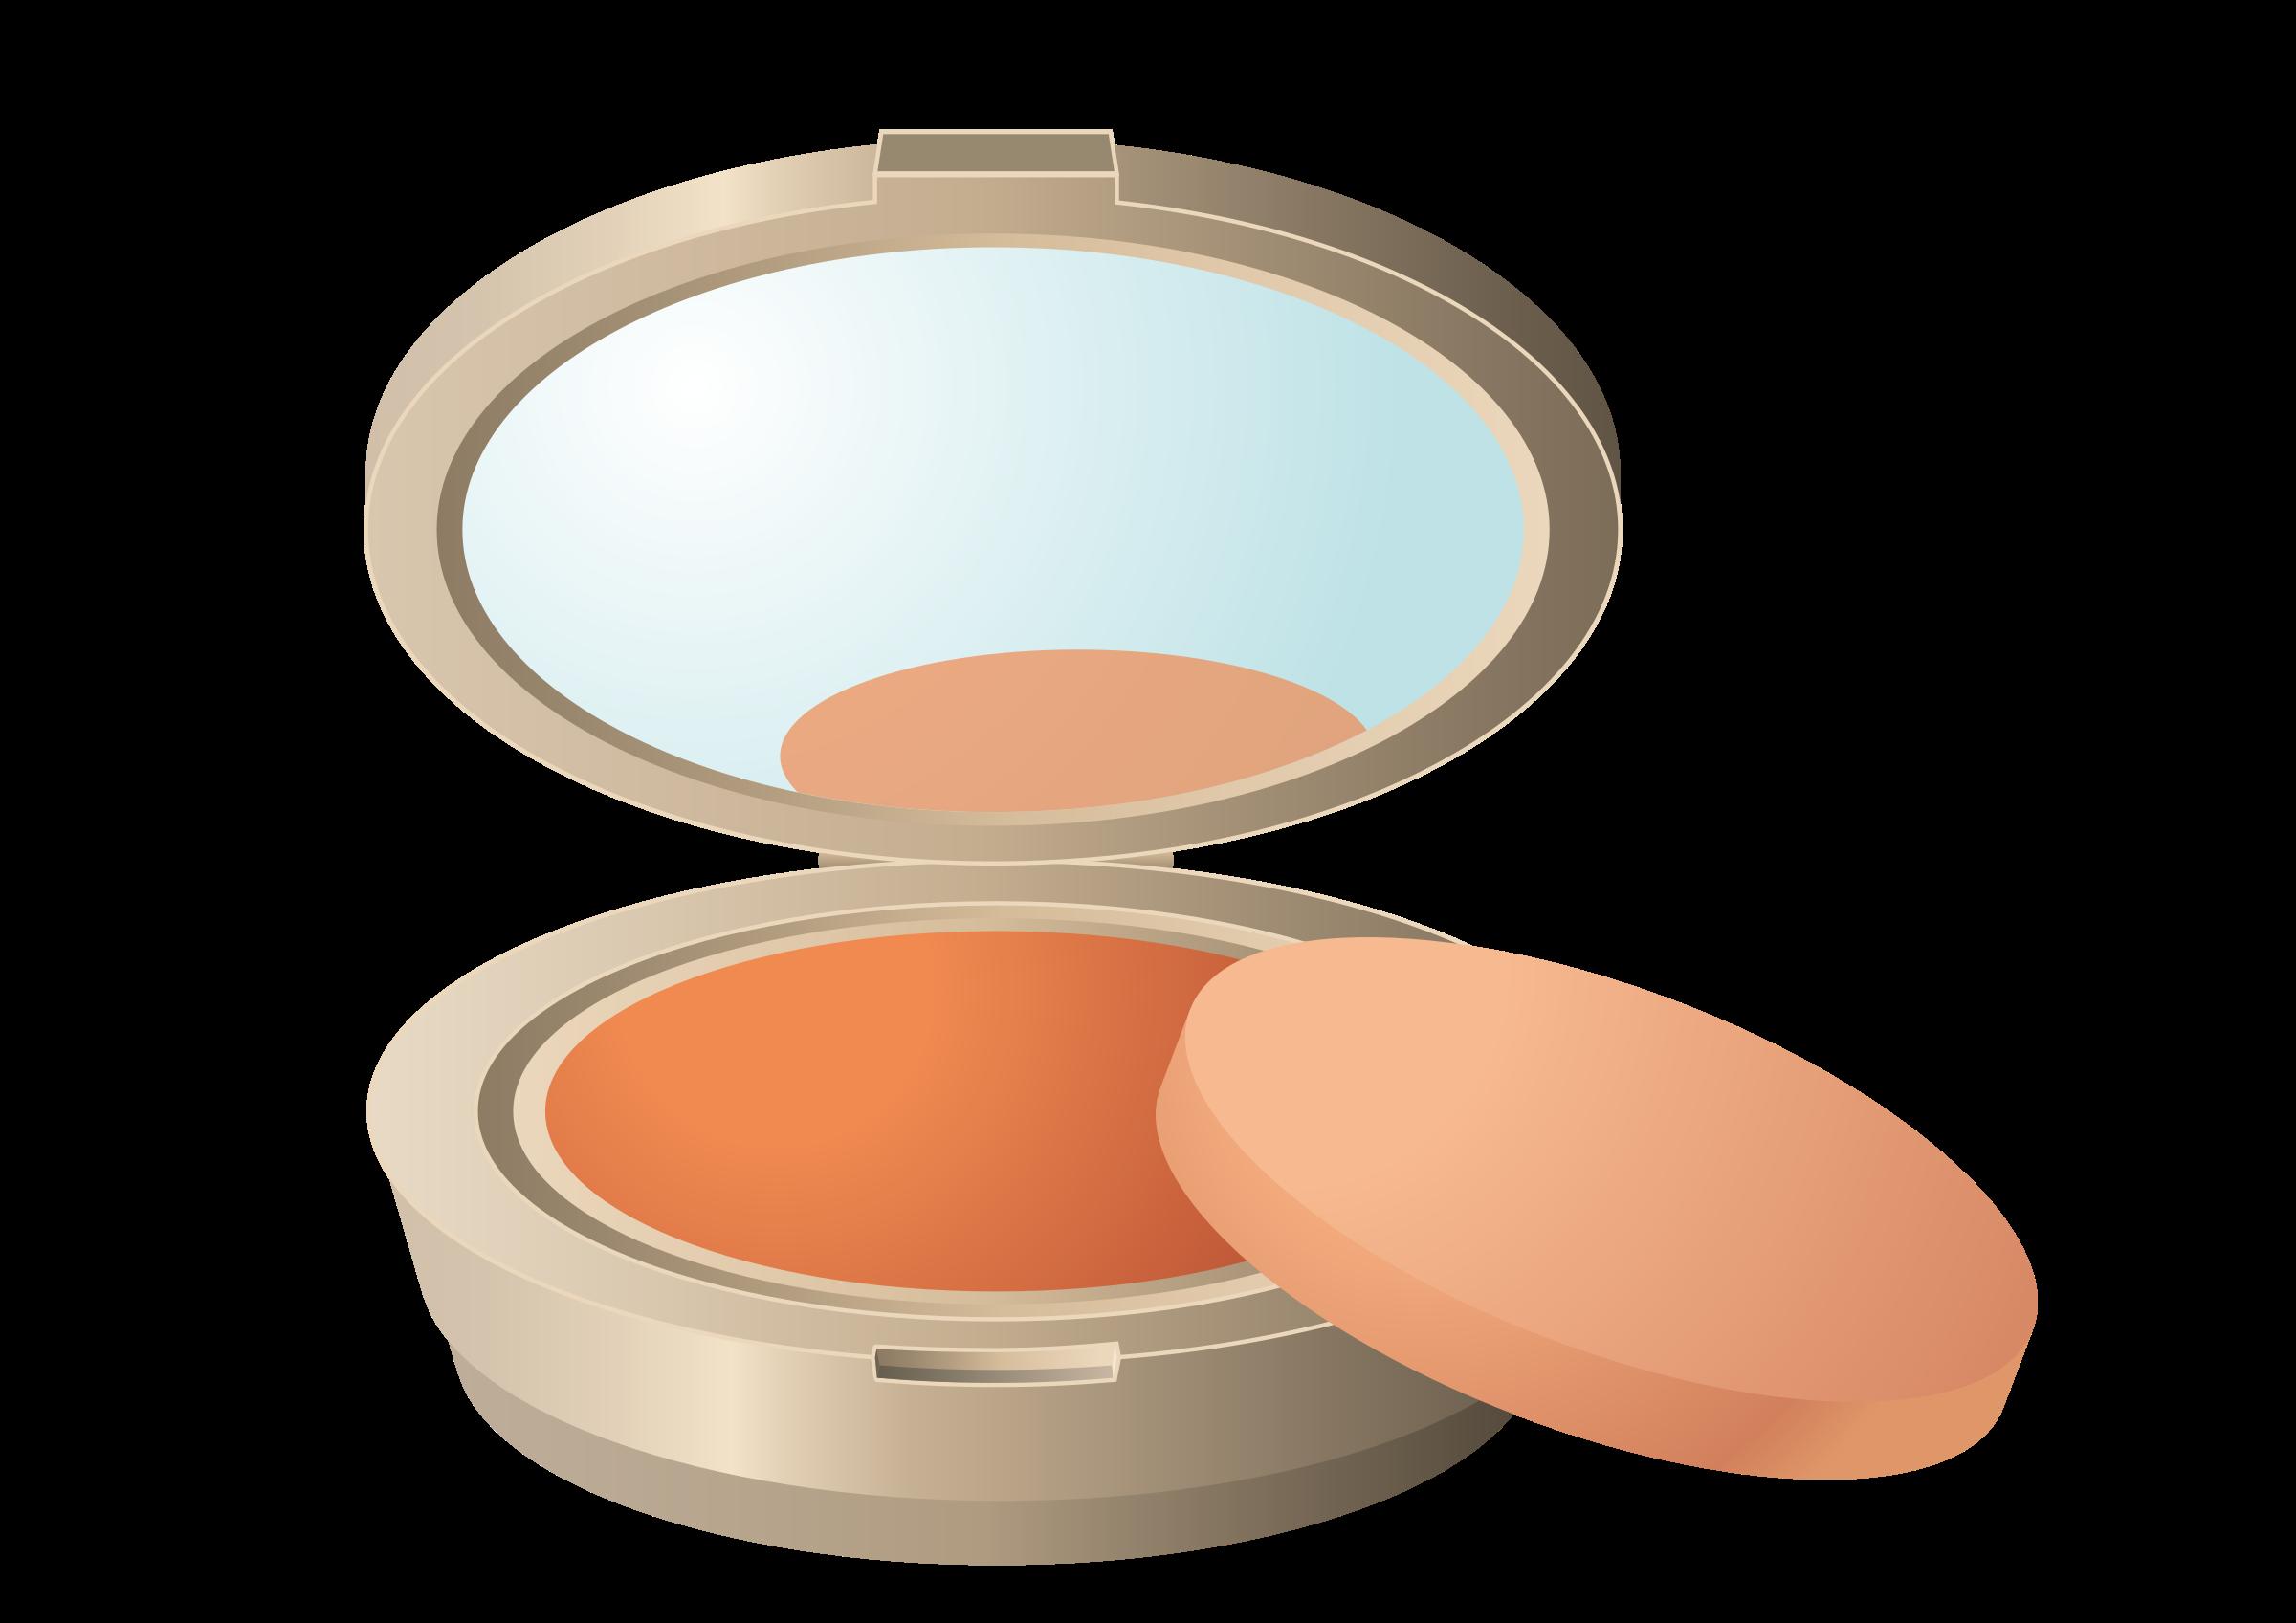 Eyeshadow Clip Art Clip Art Makeup Clipart Make Up 2